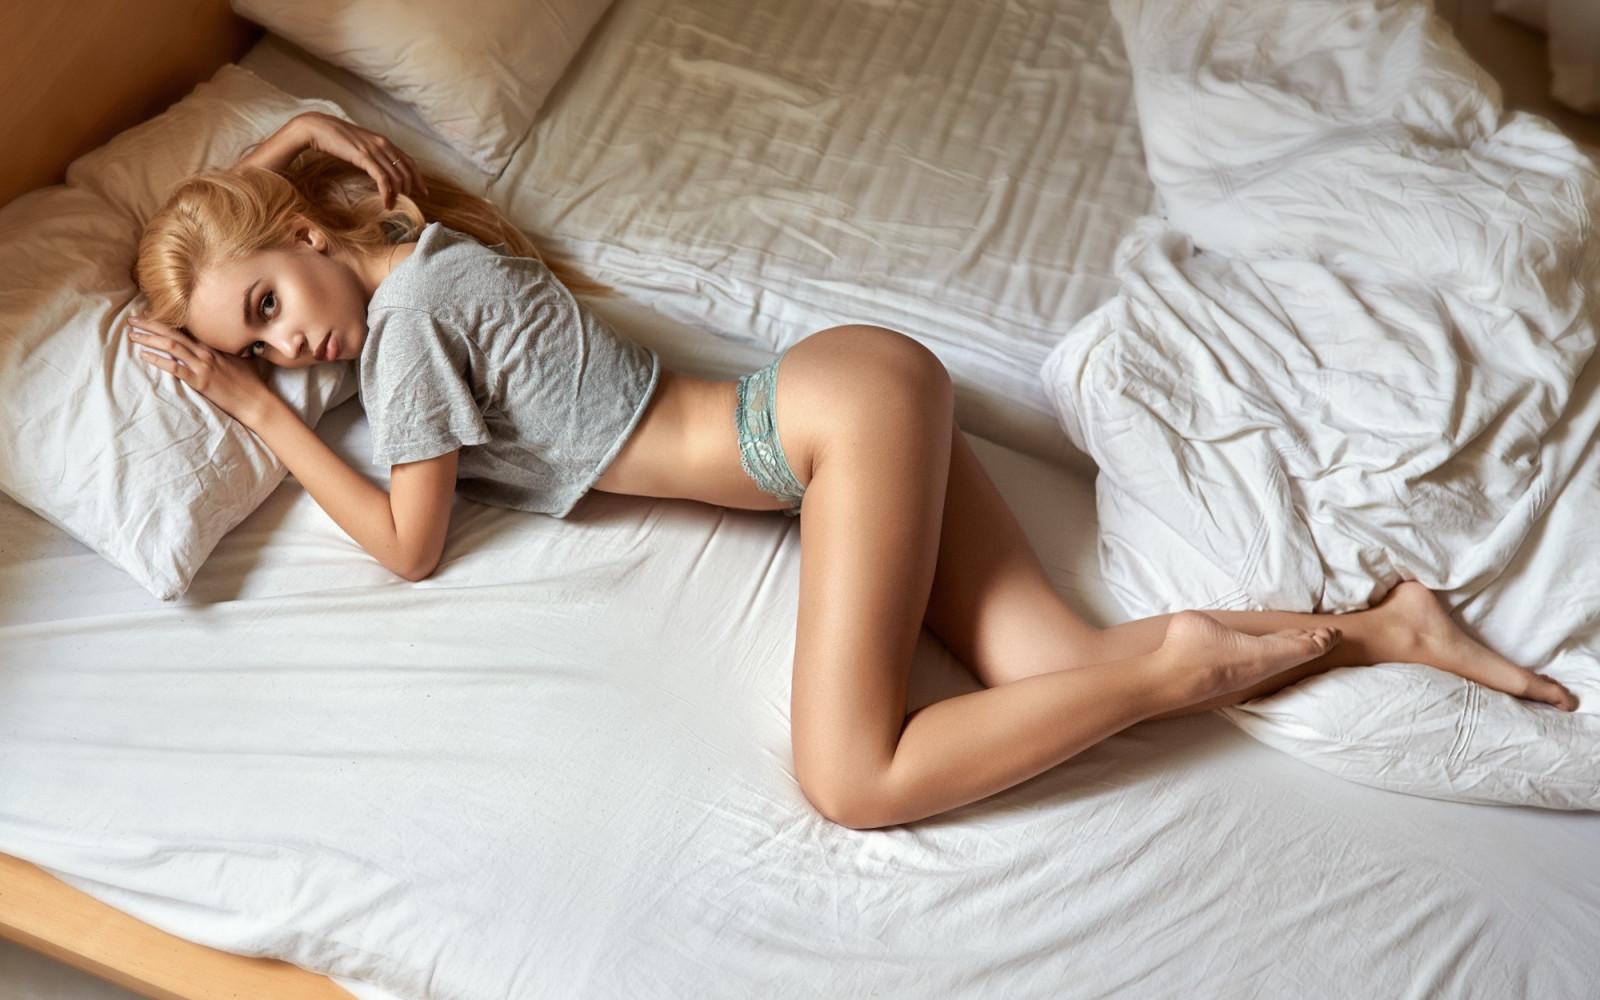 smotret-video-pro-devushek-v-posteli-golie